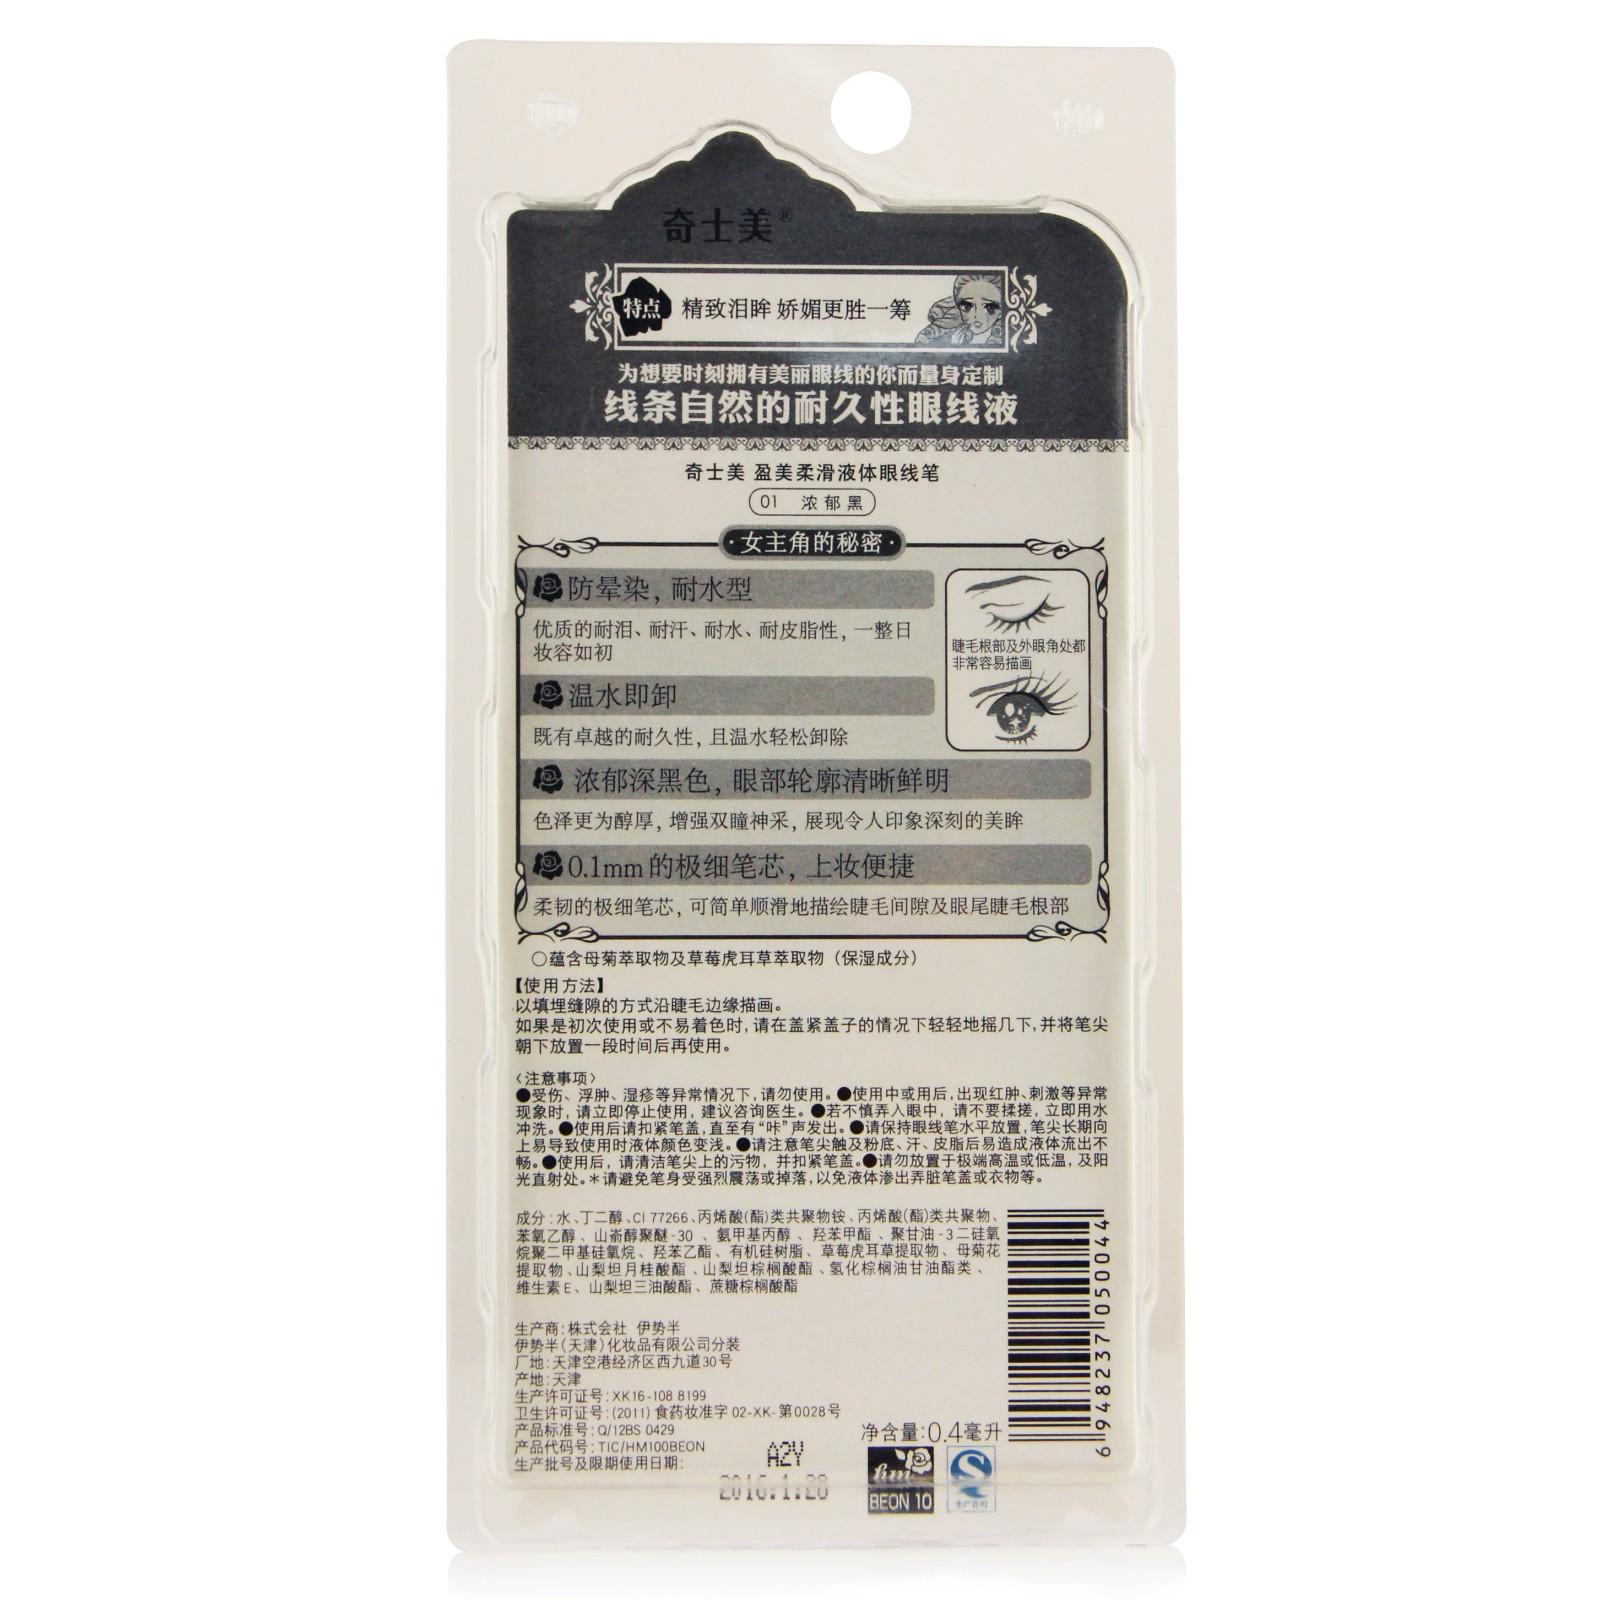 Kiss Me奇士美盈美柔滑液体眼线笔(浓郁黑)0.4ml 黑色